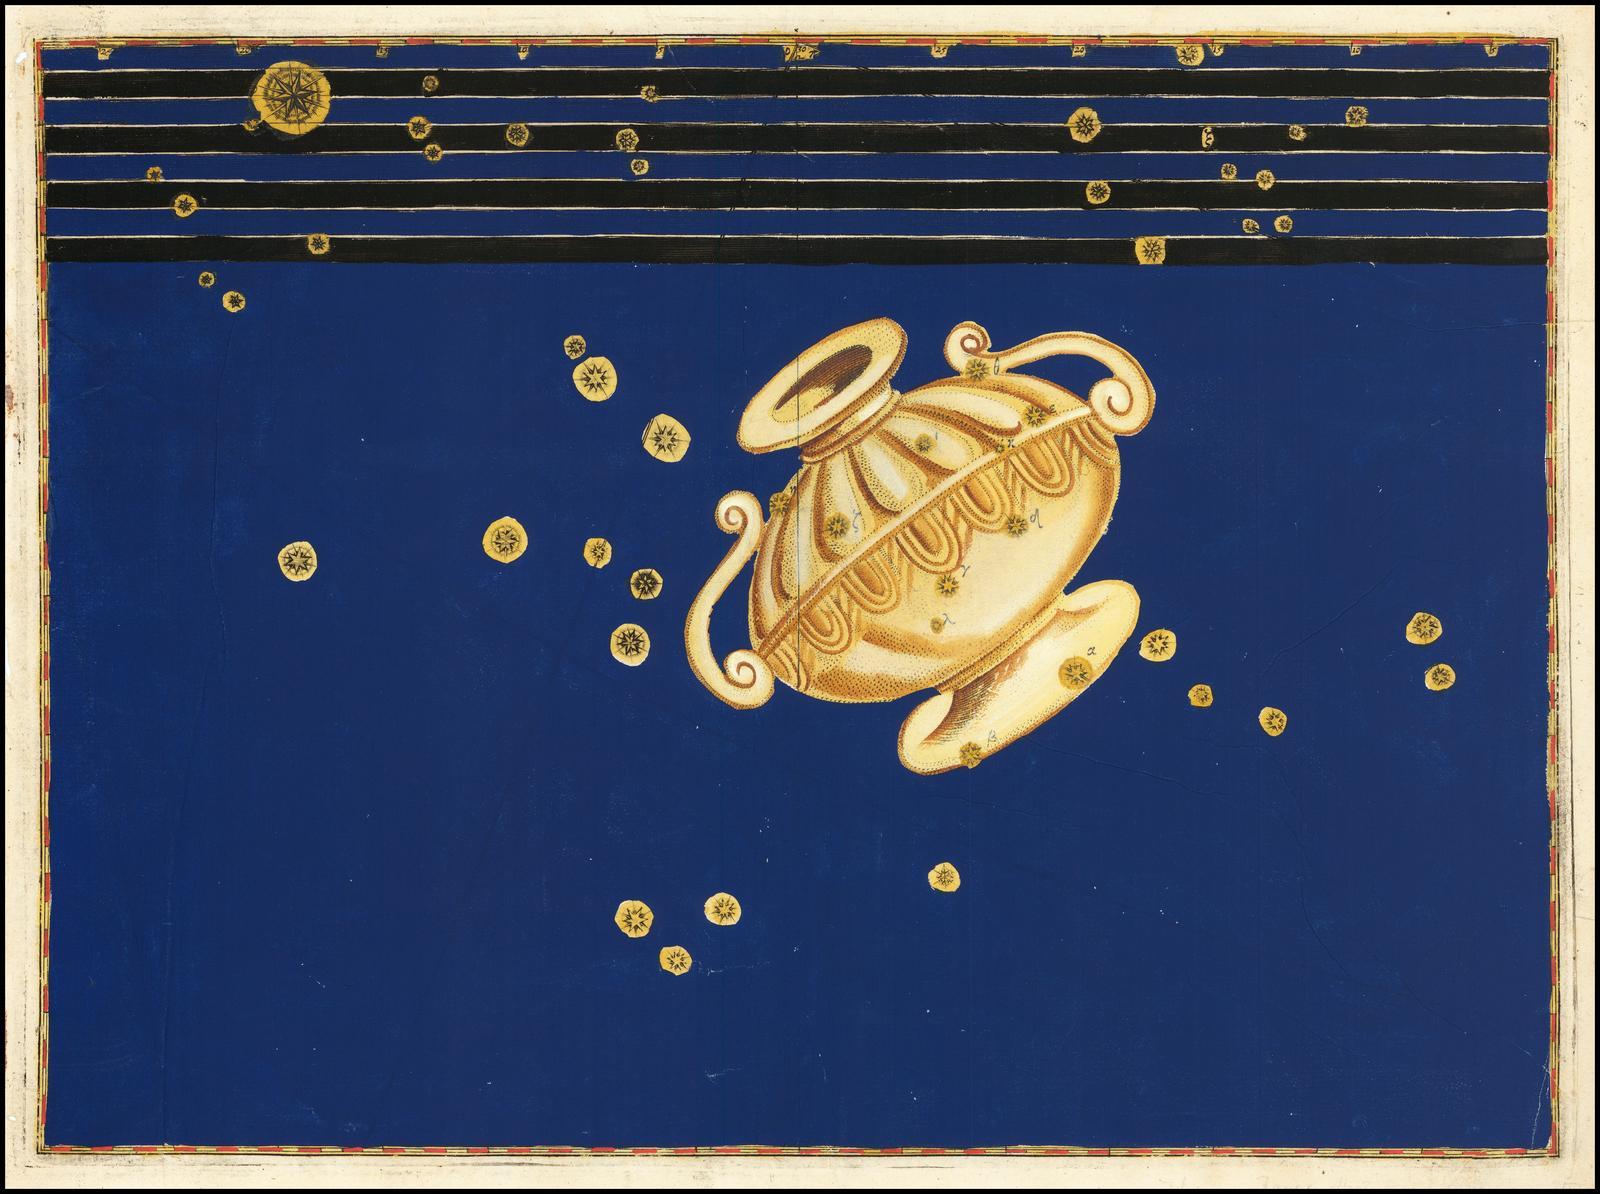 Карта Байера созвездия Кратер, одного из 48 созвездий, перечисленных астрономом II века Птолемеем